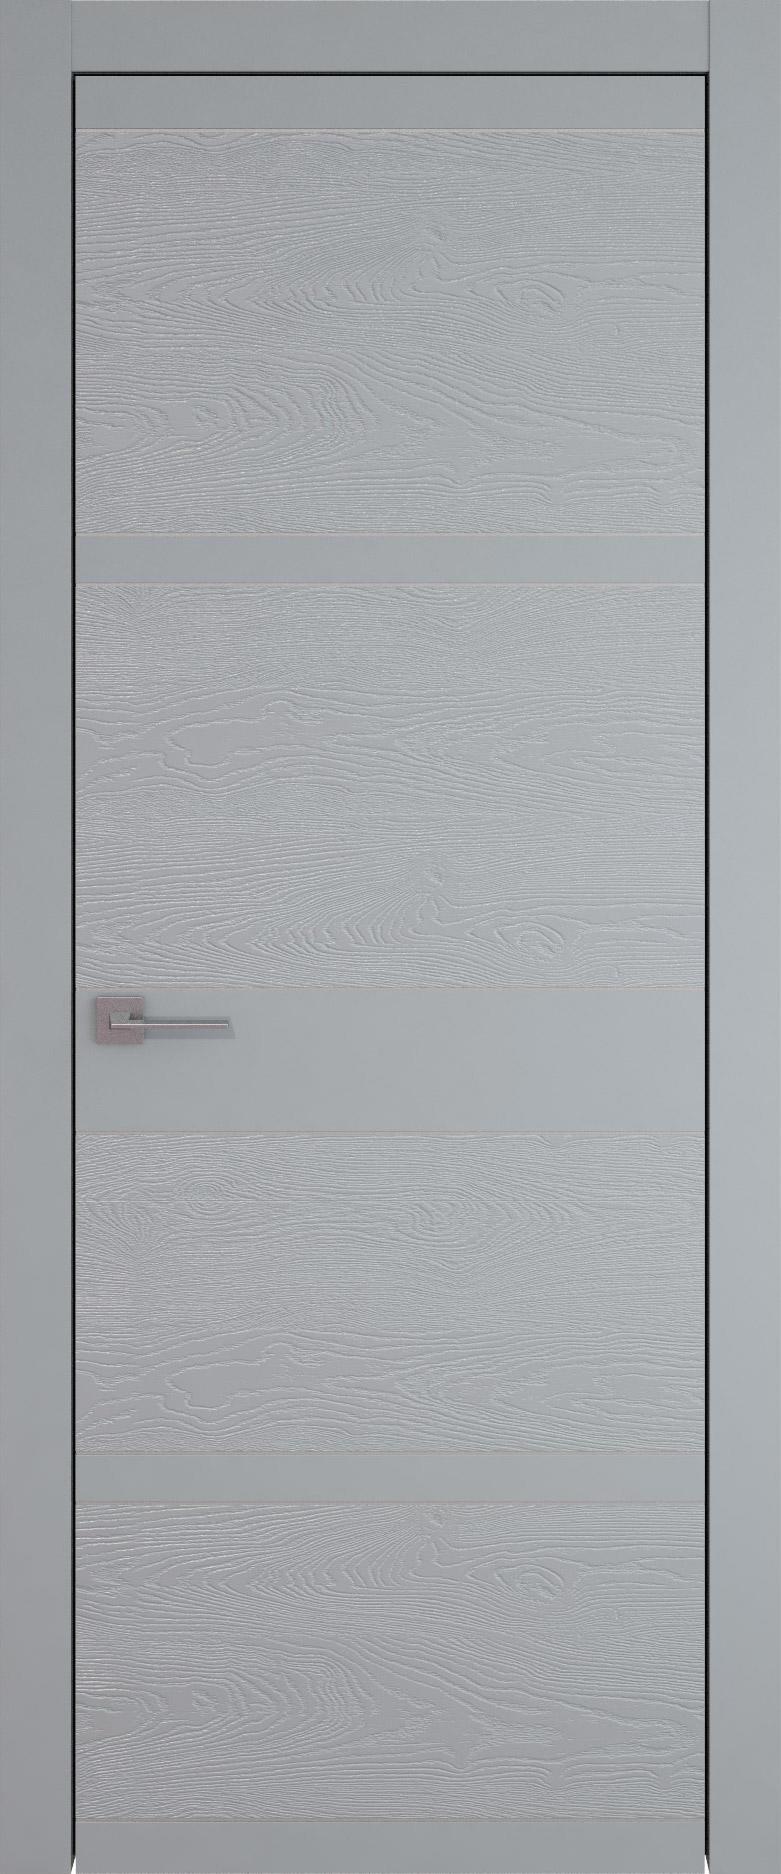 Tivoli Е-2 цвет - Серебристо-серая эмаль-эмаль по шпону (RAL 7045) Без стекла (ДГ)